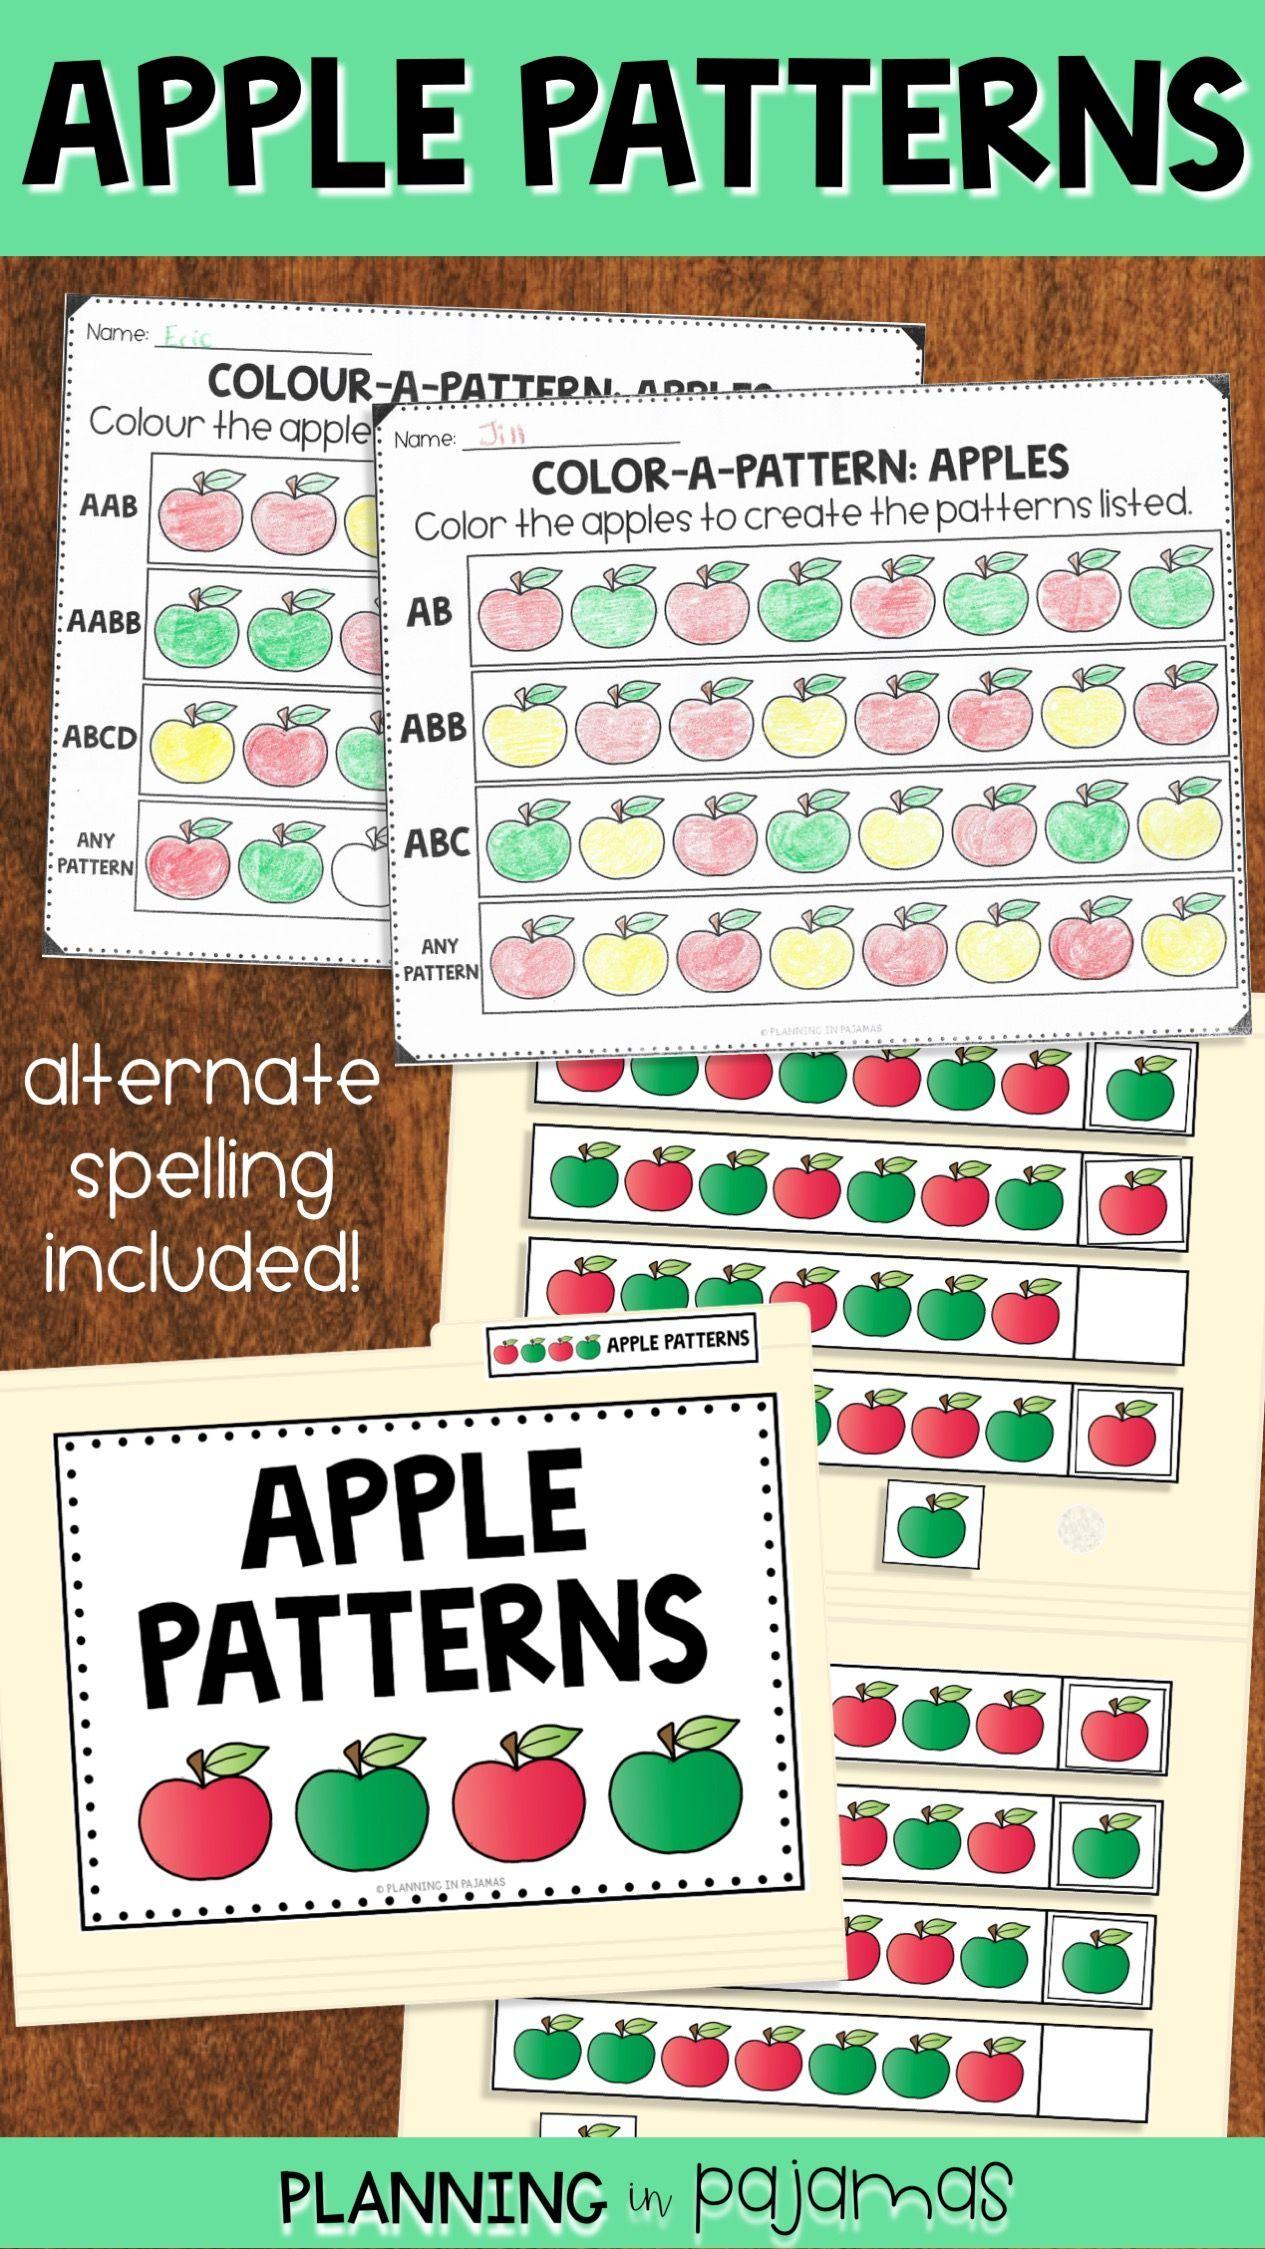 Apple Patterns Worksheets File Folder Game With